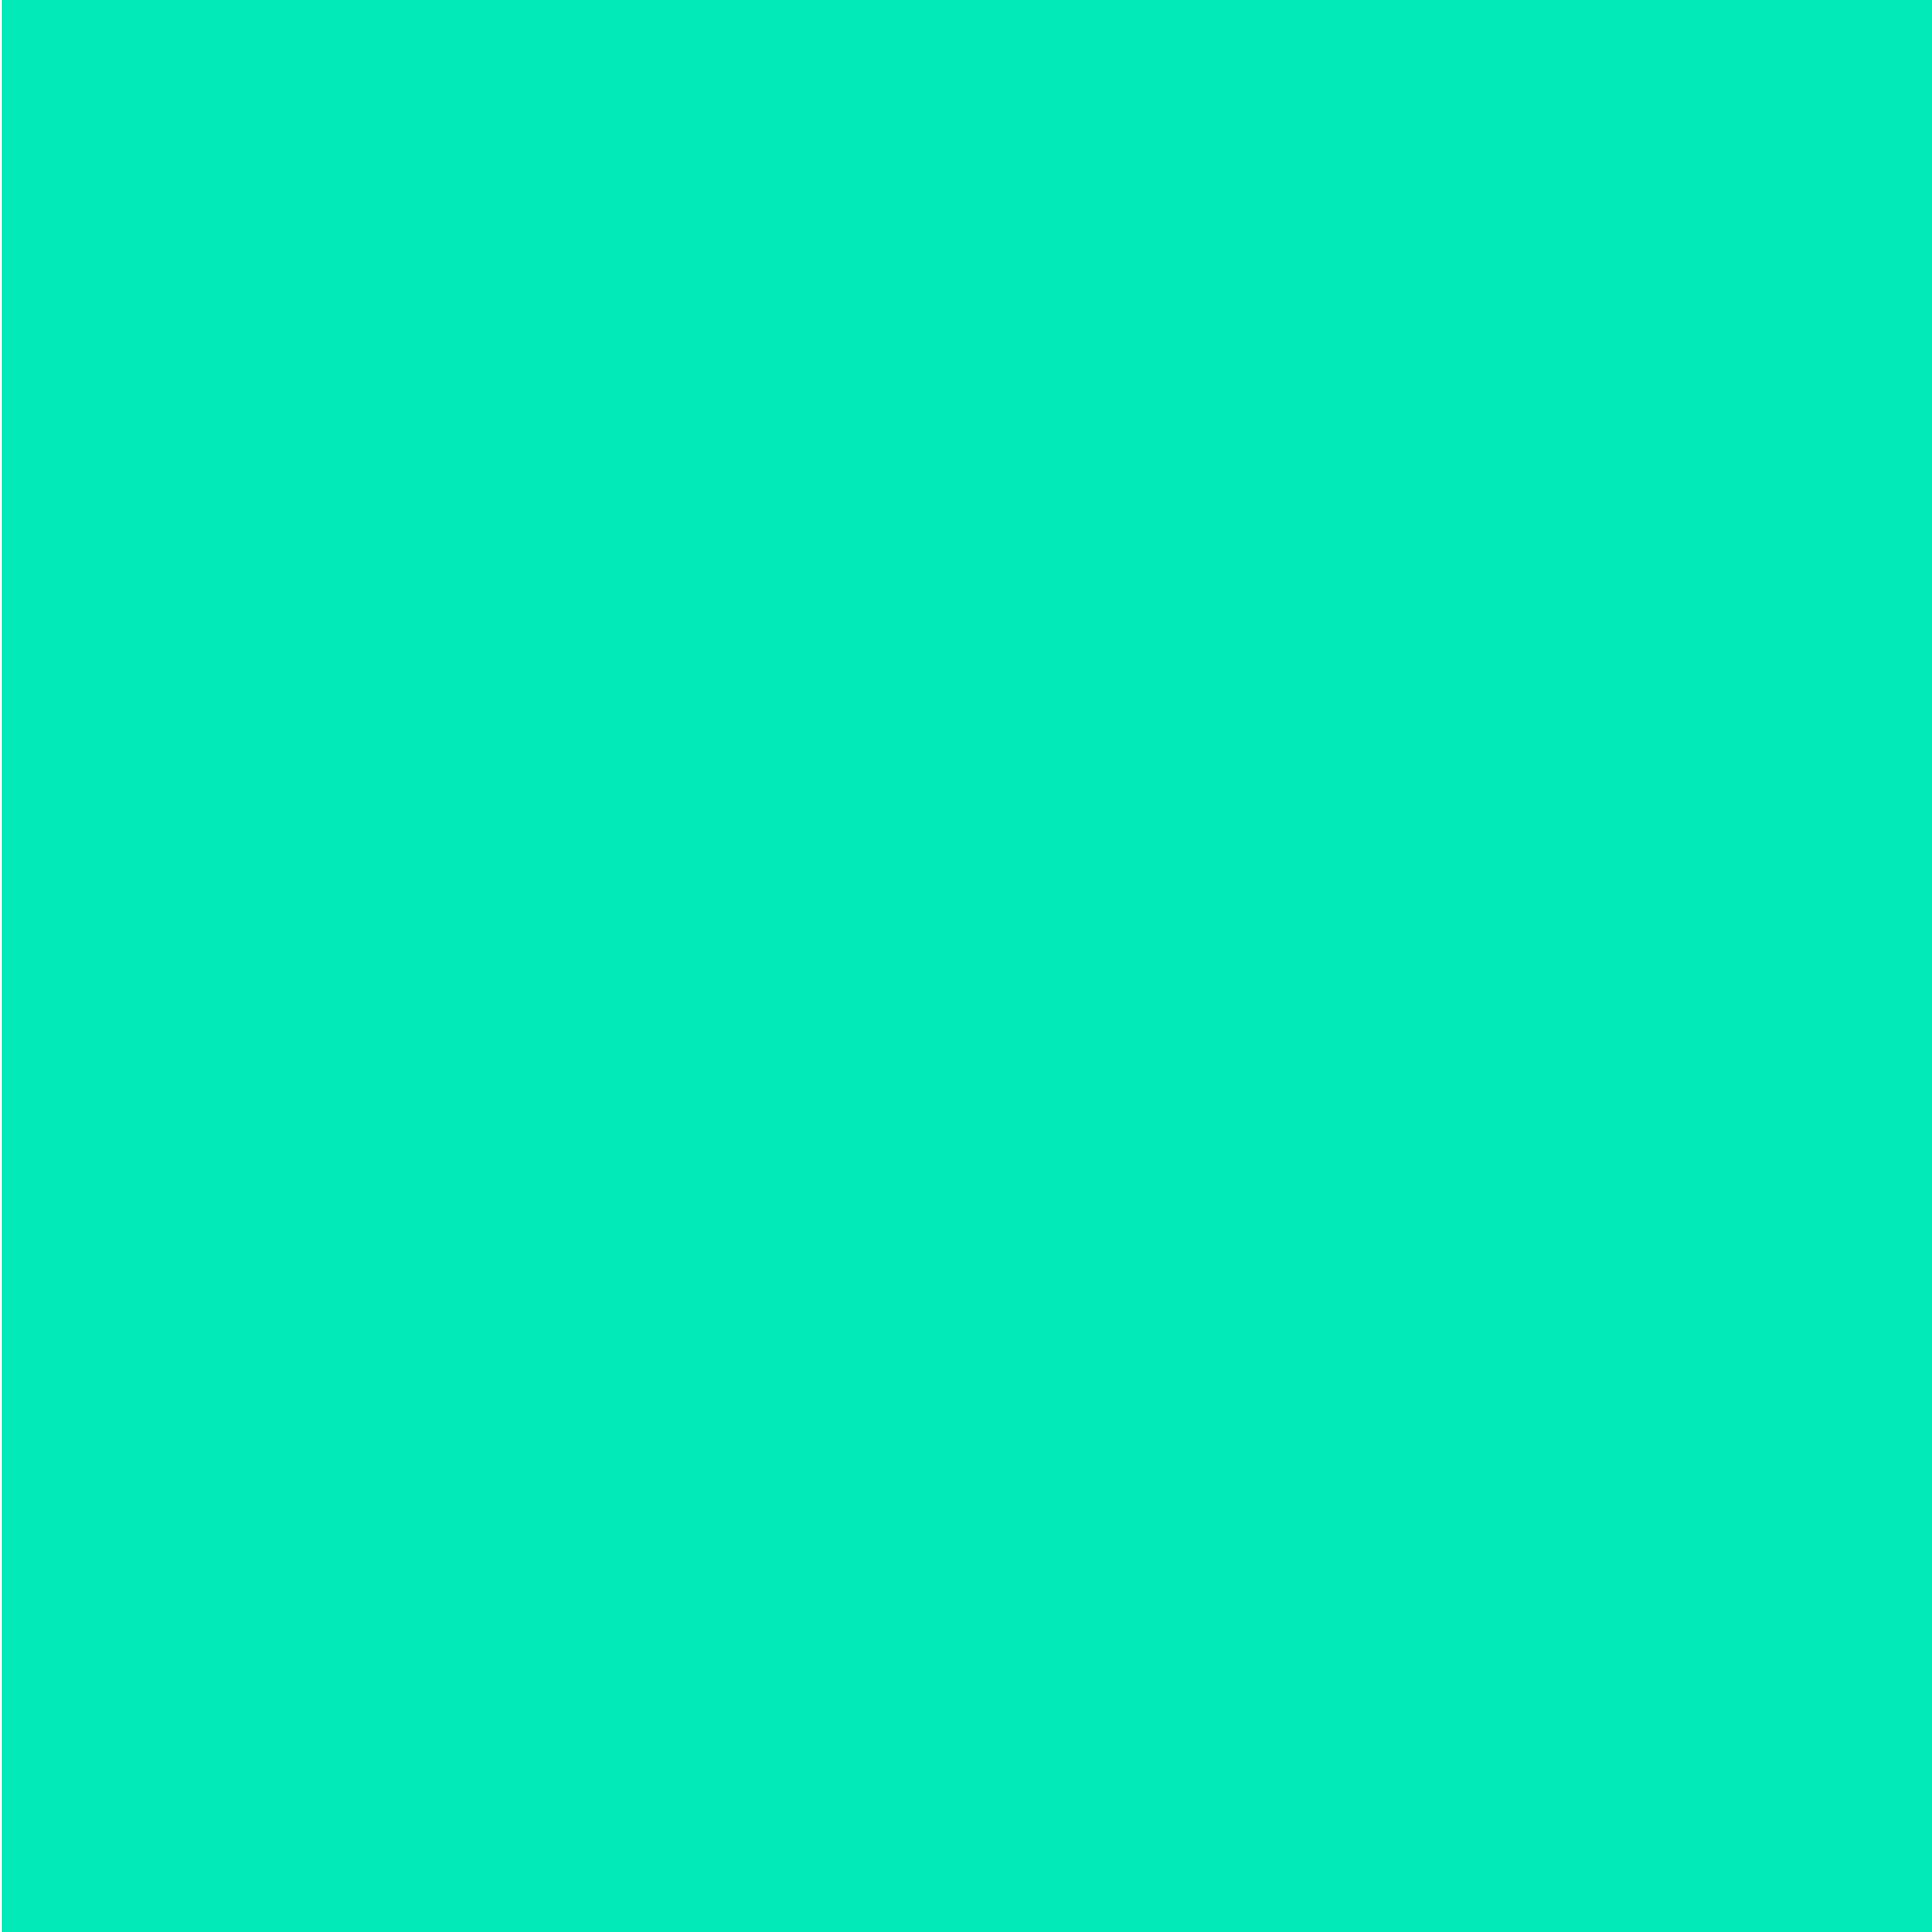 Green, Seafoam